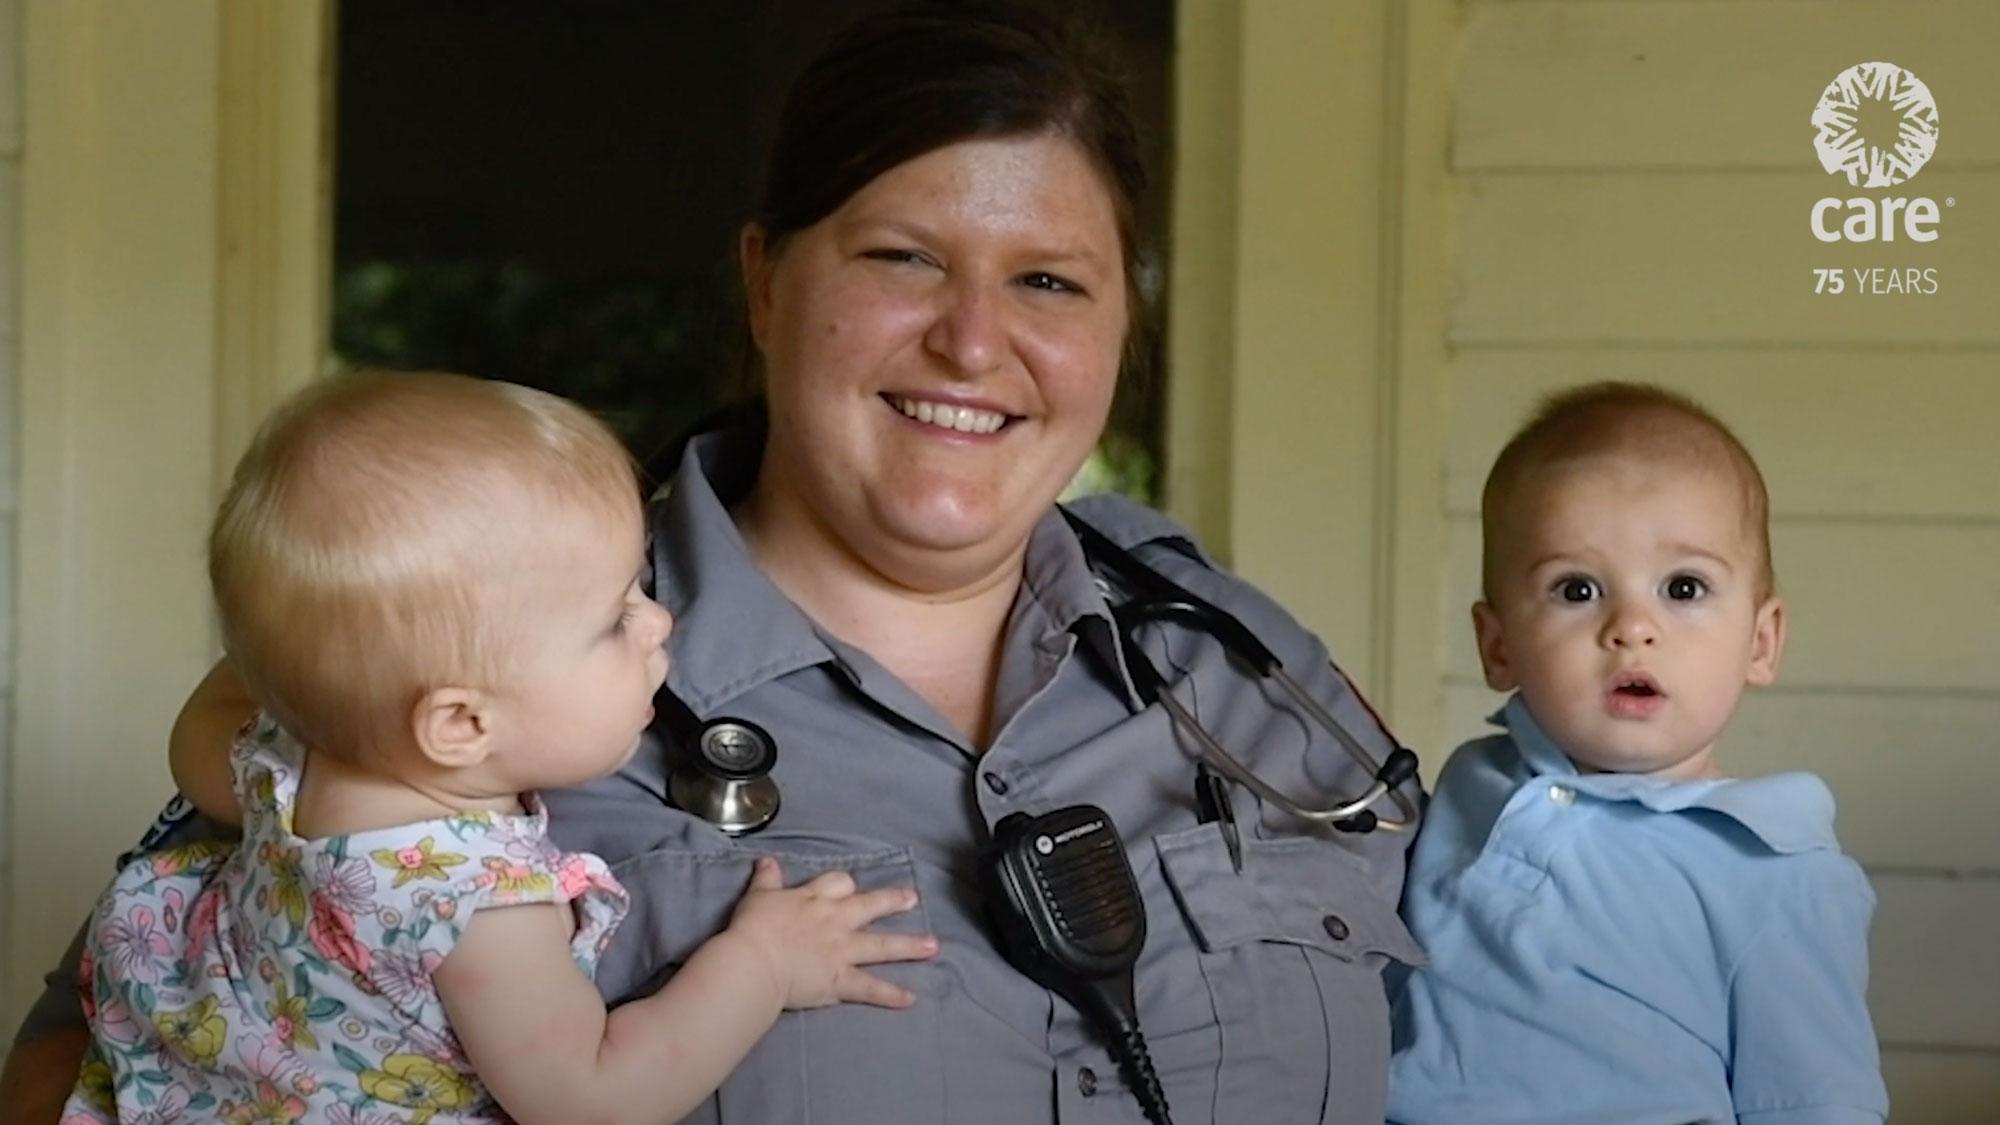 Uma paramédica sorri e segura duas crianças pequenas nos braços na varanda de uma casa.